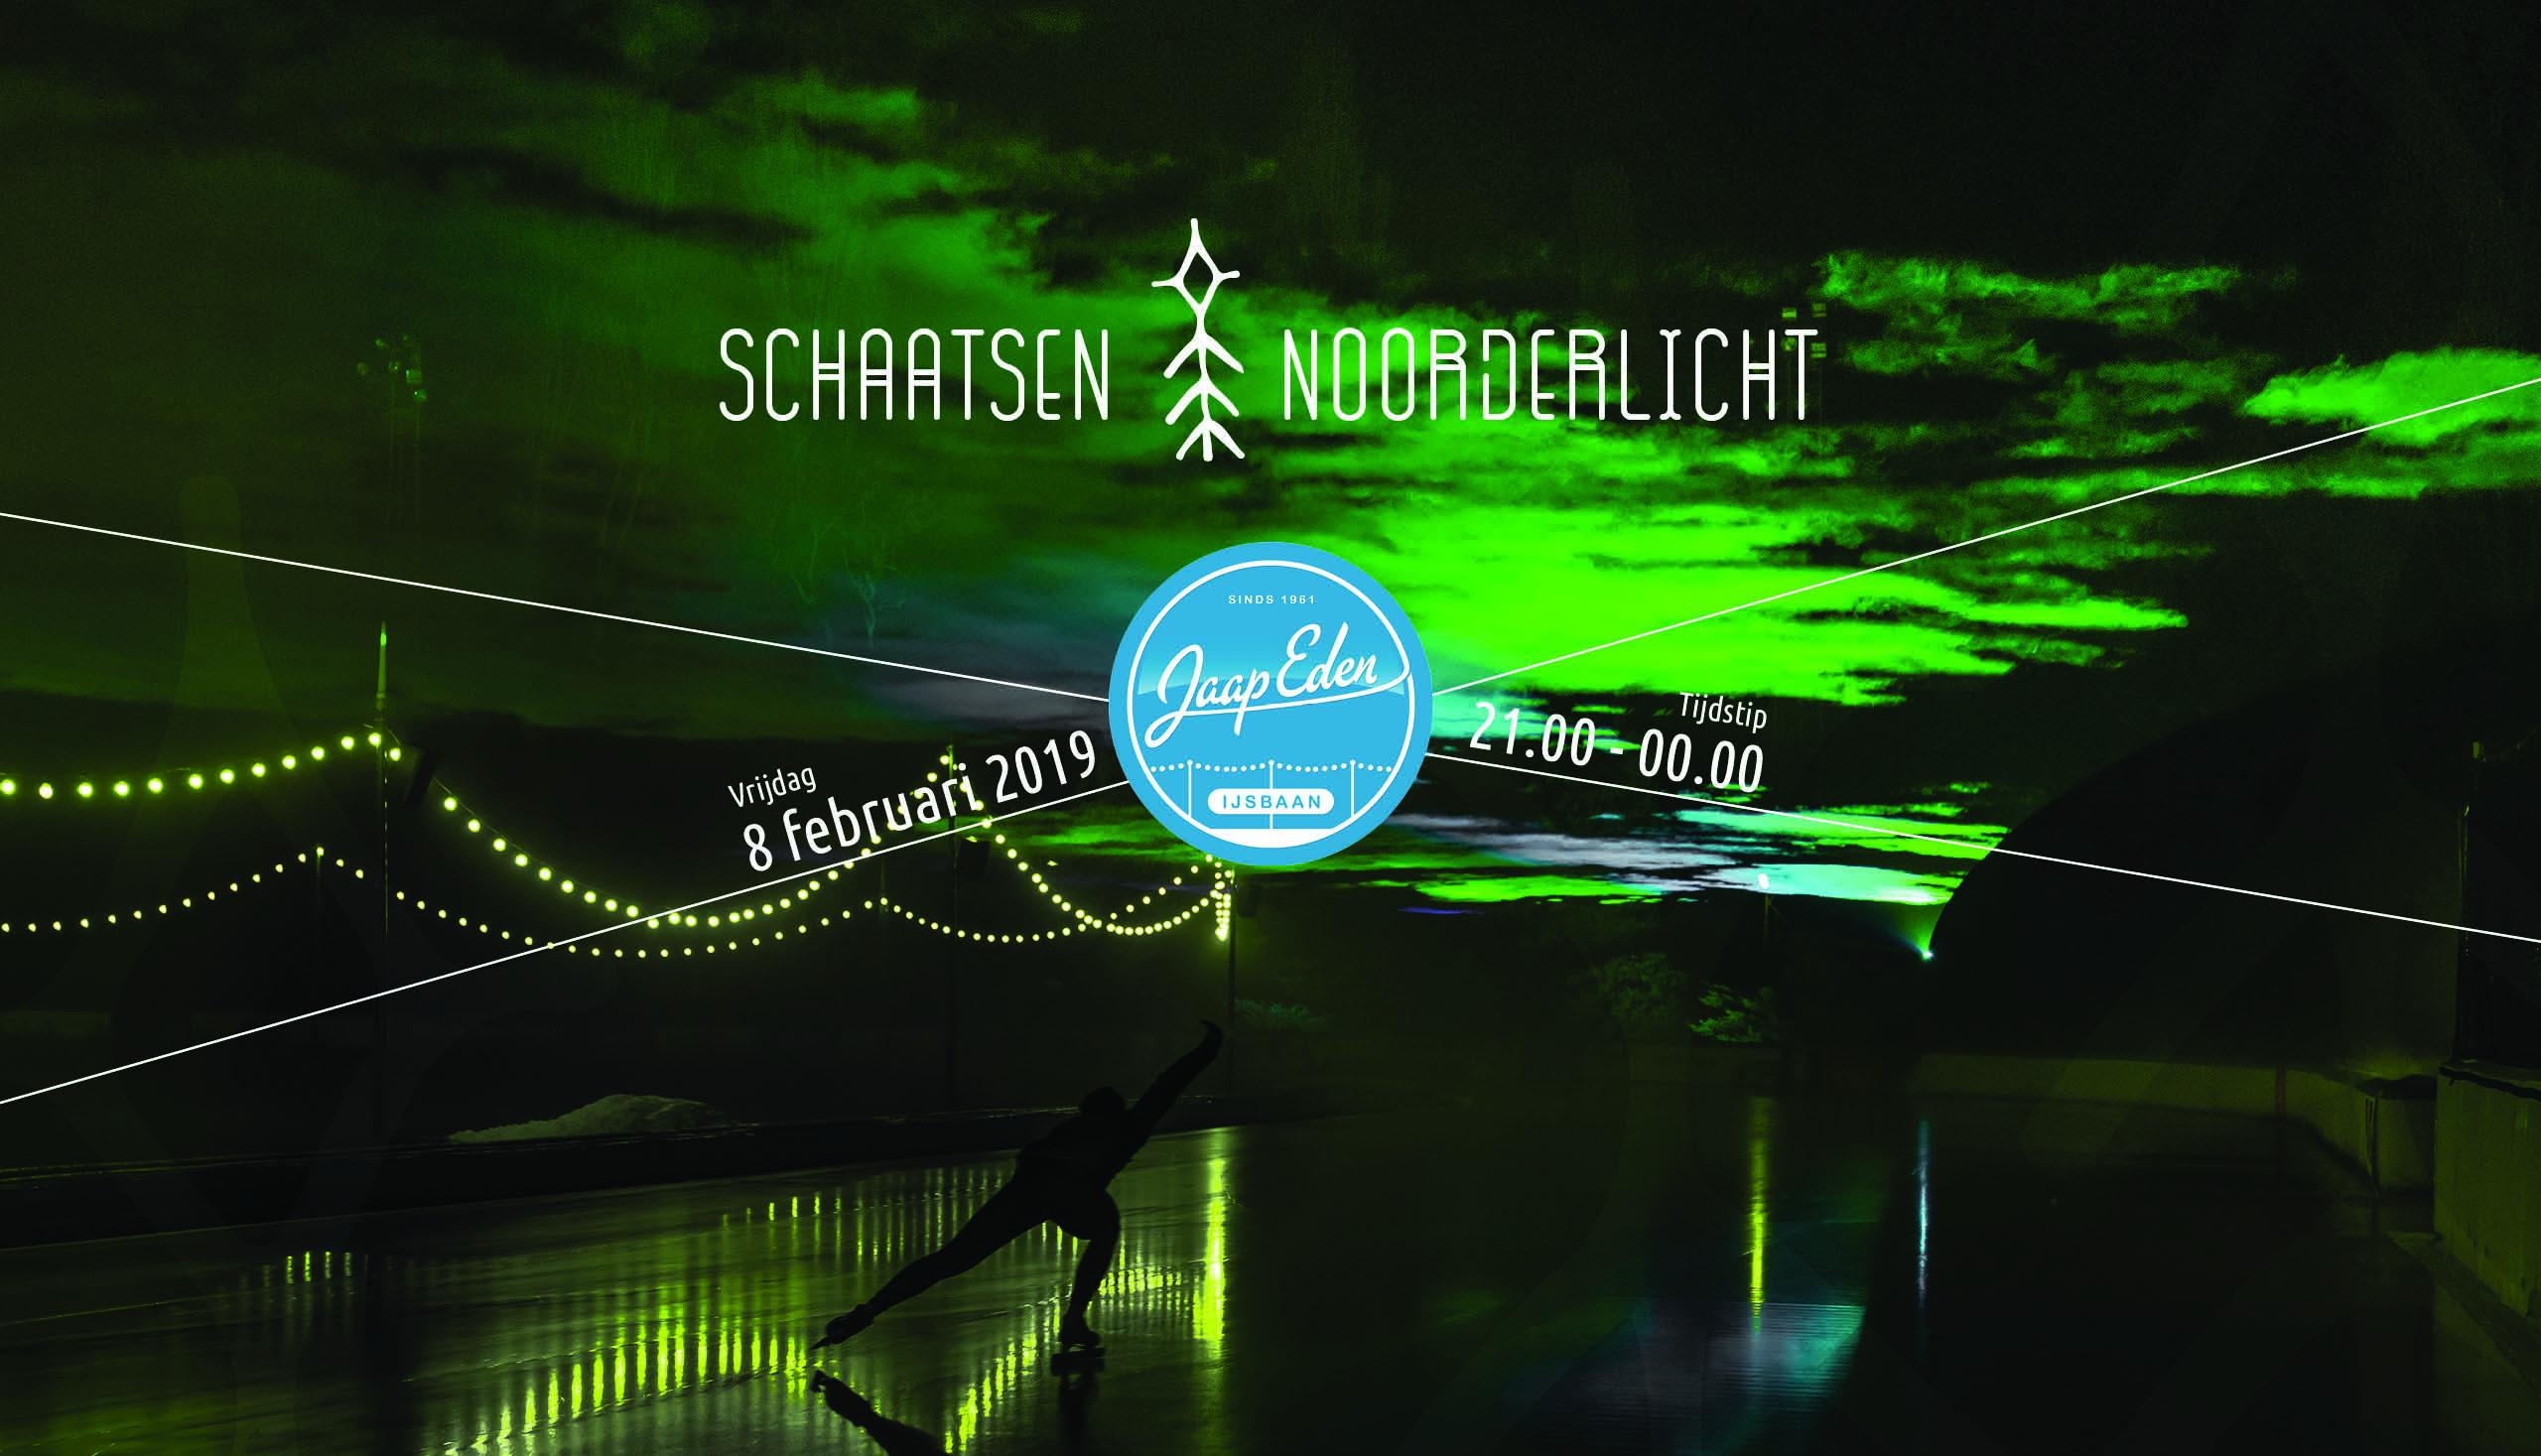 Schaatsen Noorderlicht homepage NL 3